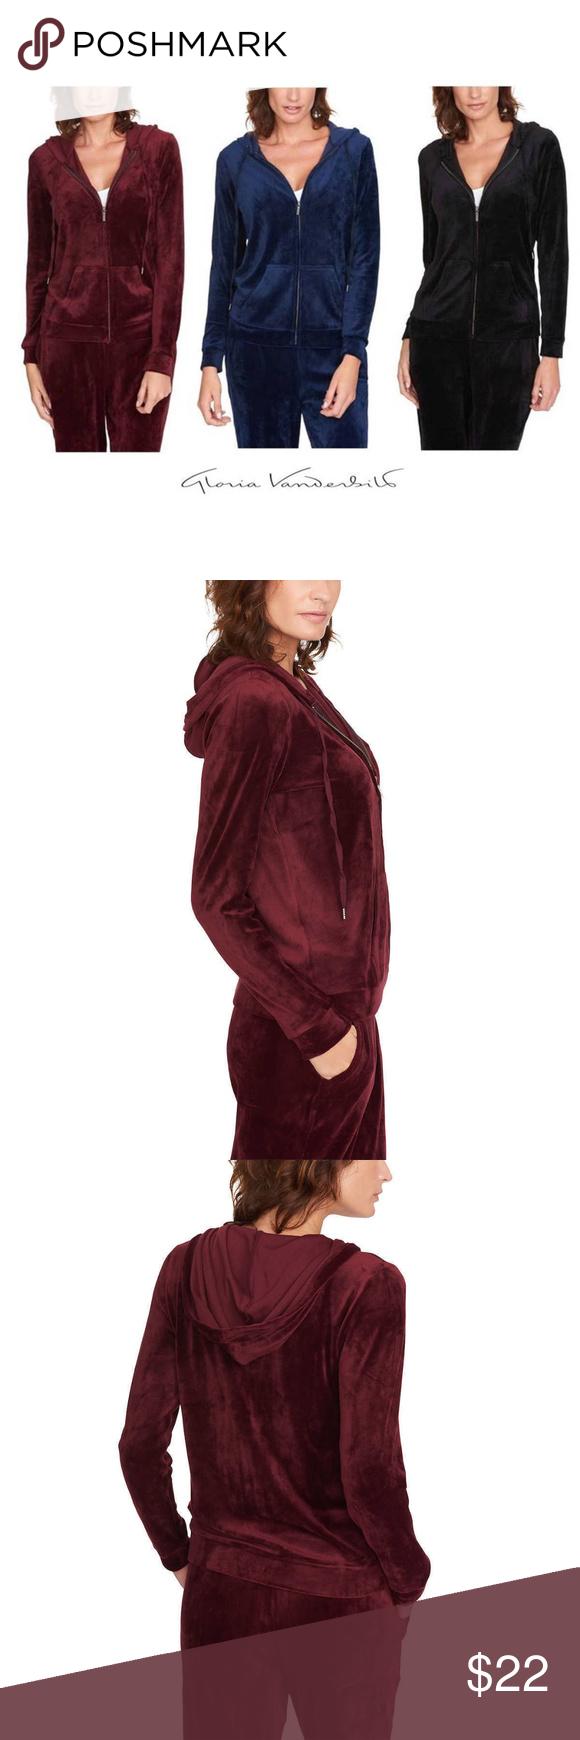 Gloria Vanderbilt Ladies Ultra Soft Velour Jacket Velour Jackets Gloria Vanderbilt Clothes Design